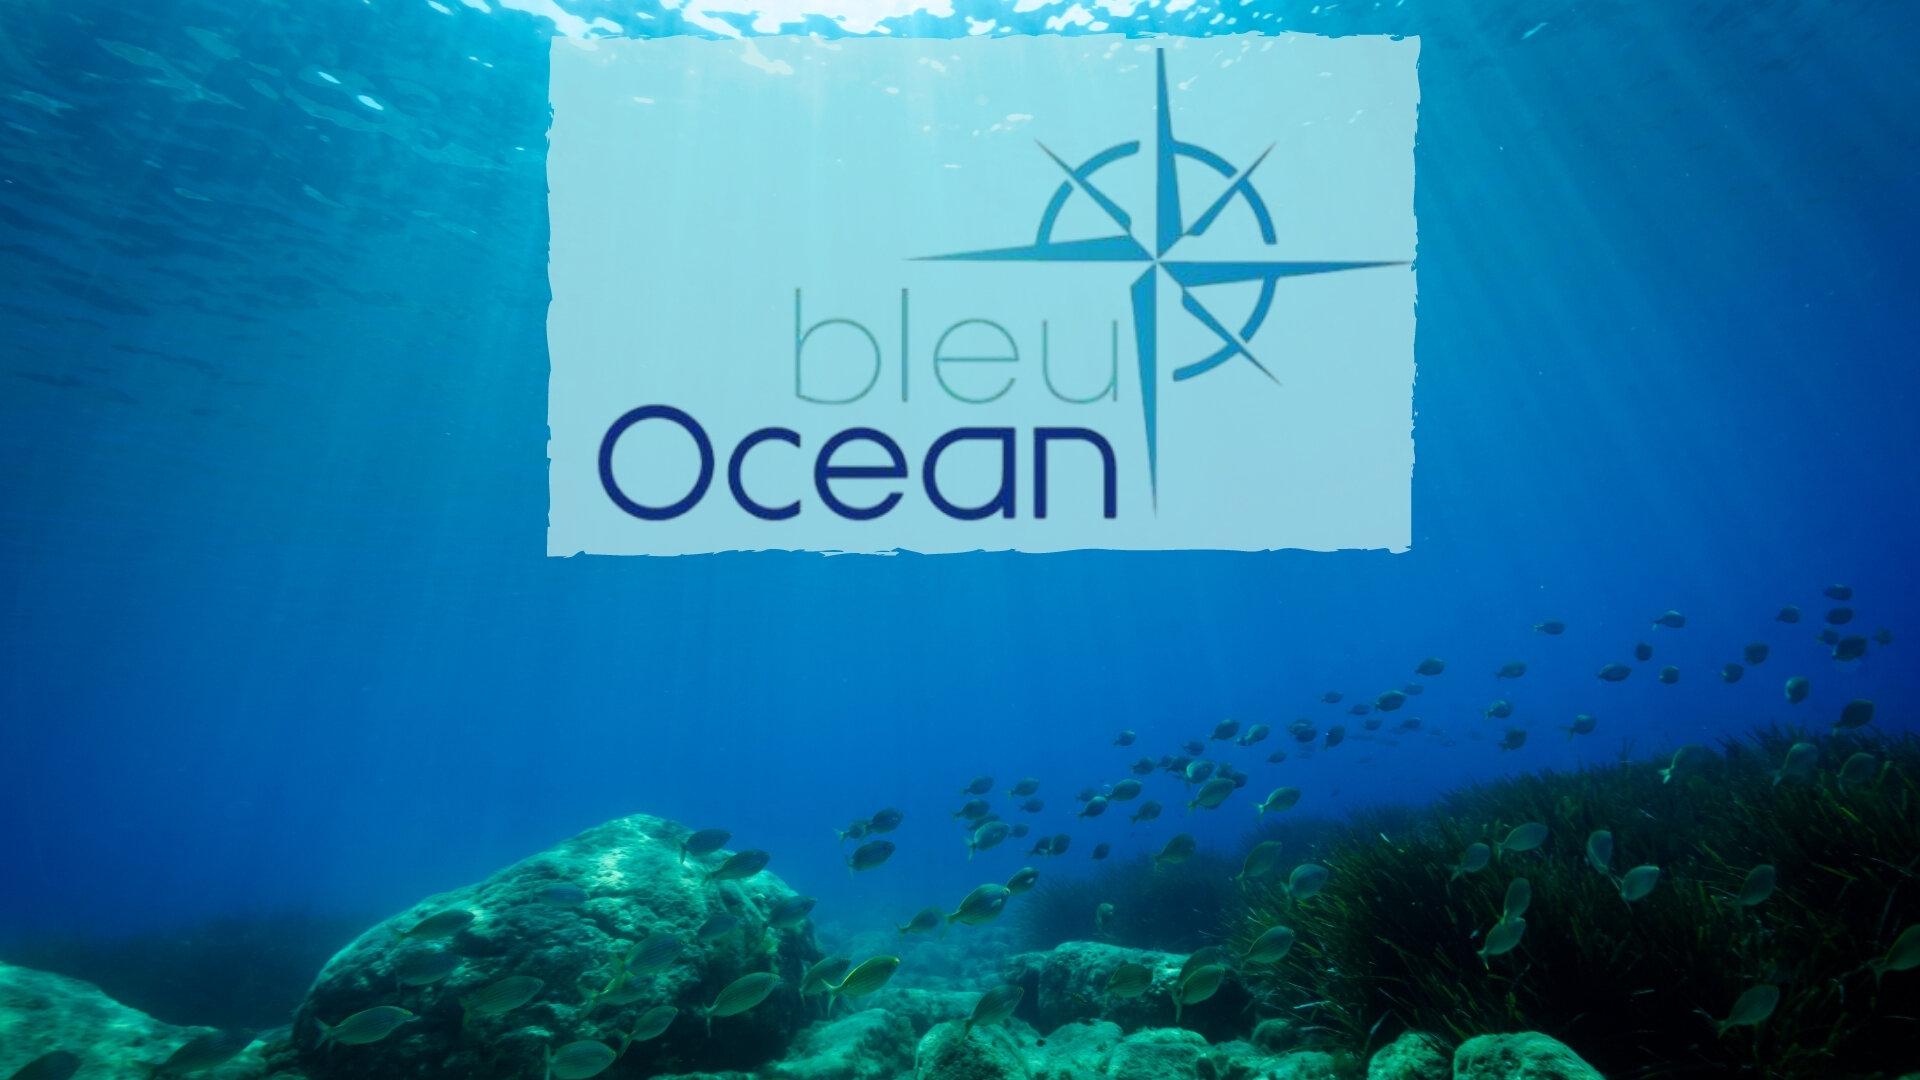 Bleu océan : Pêche et pompiers